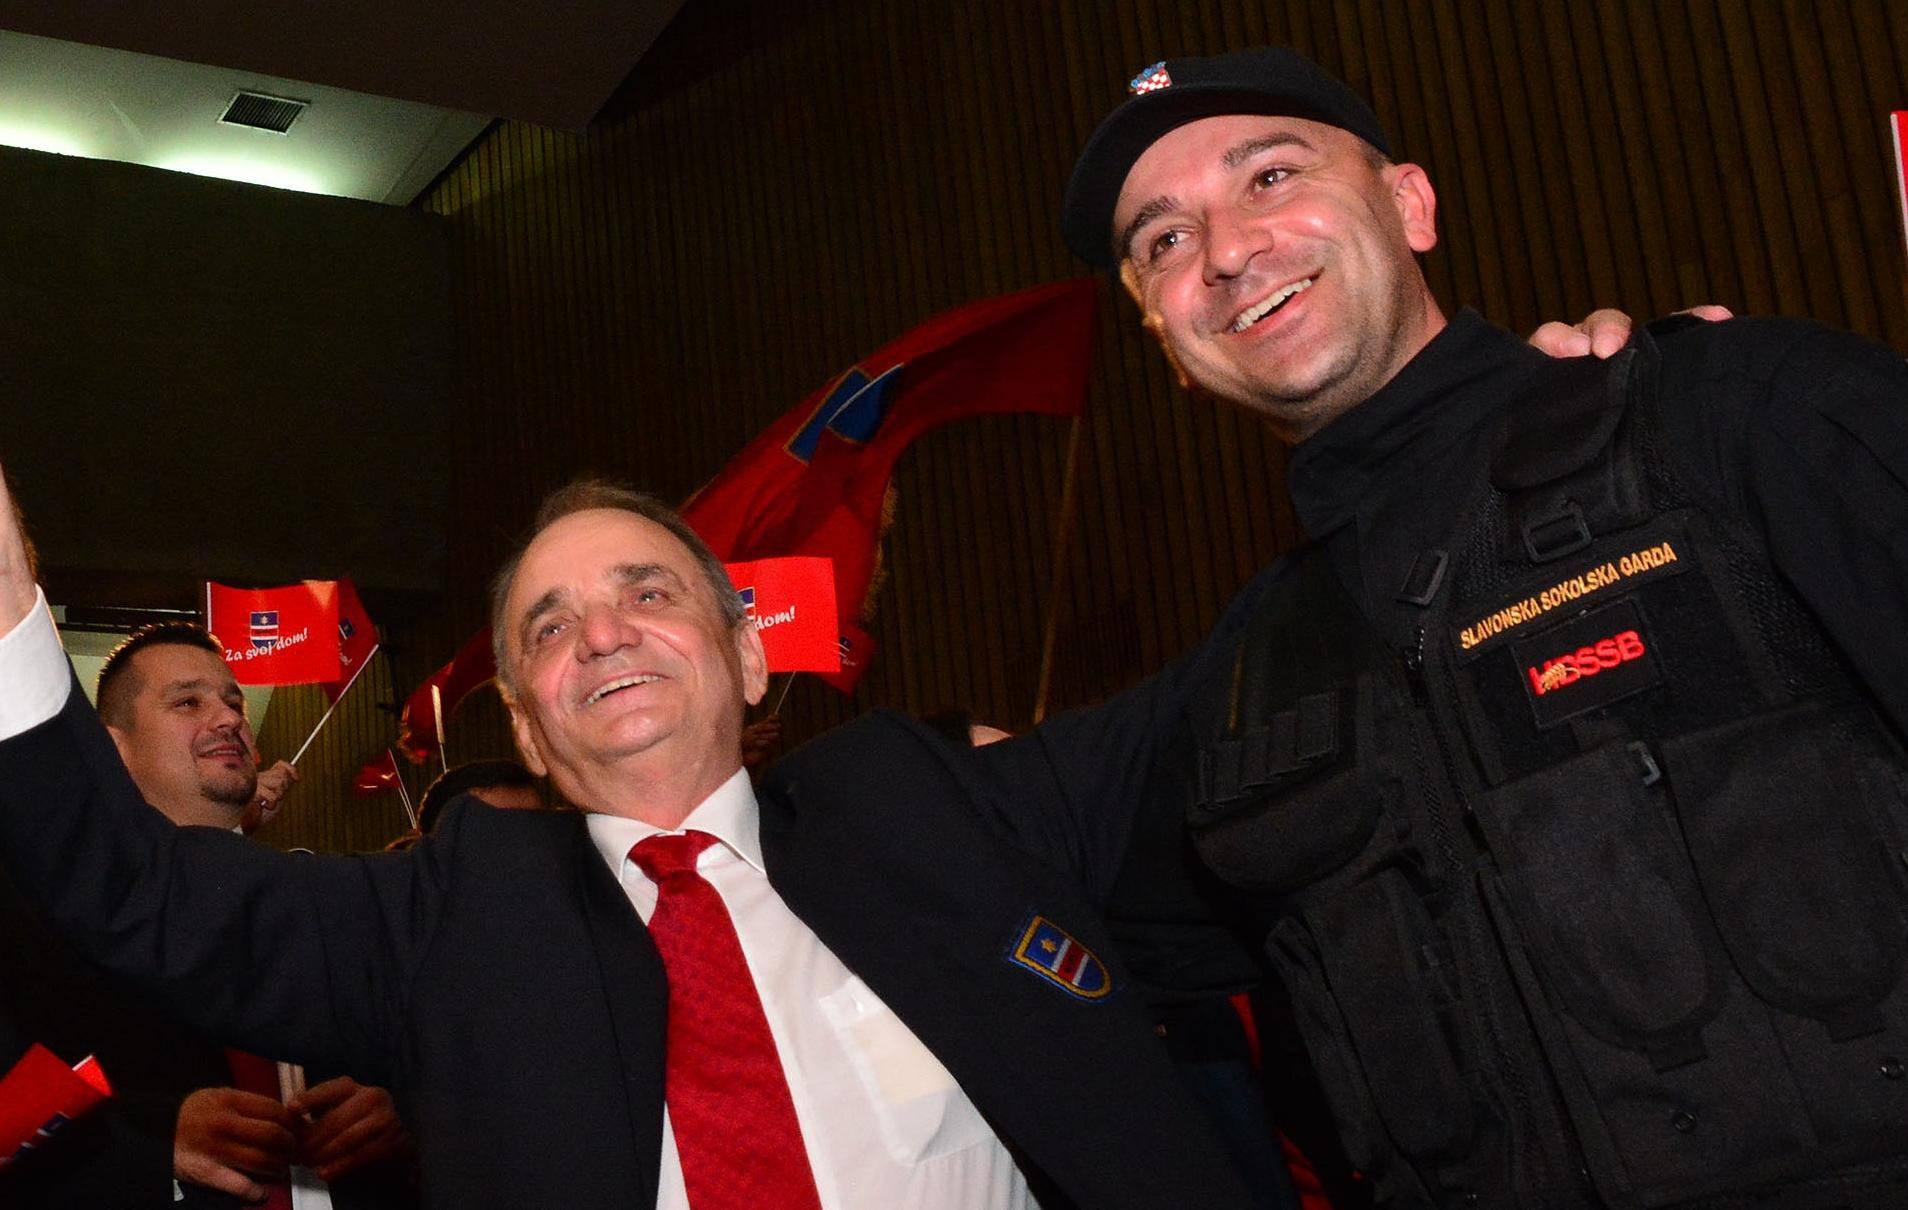 Novi uspjeh: Glavašev gardist Salapić postao državni tajnik